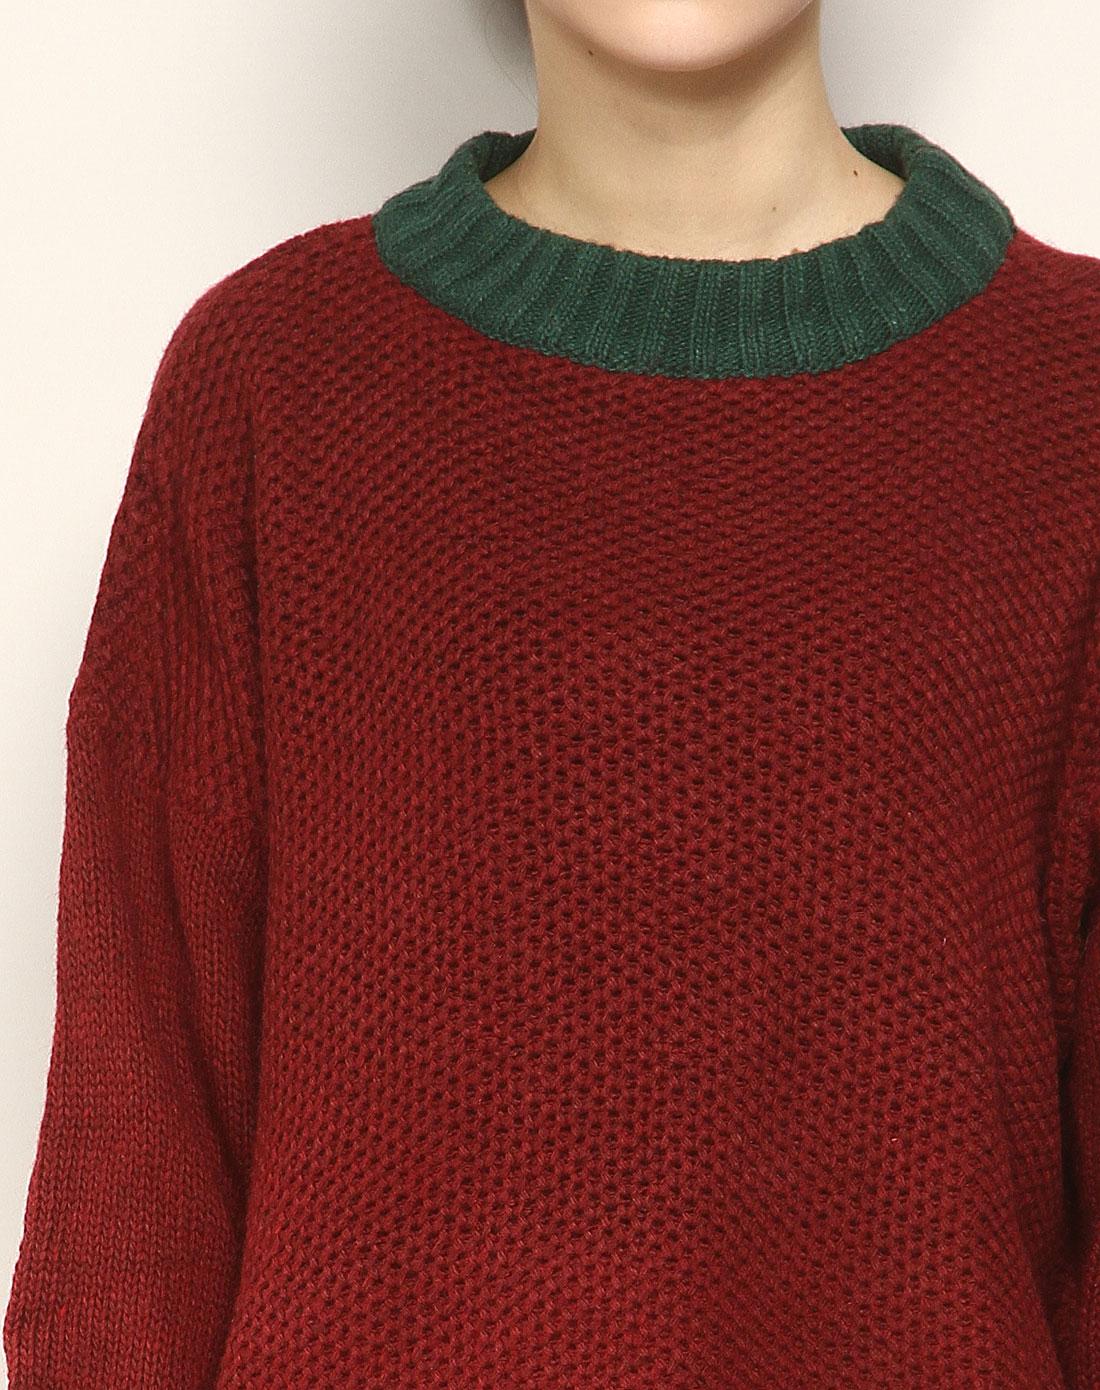 枣红色圆领长袖针织衫